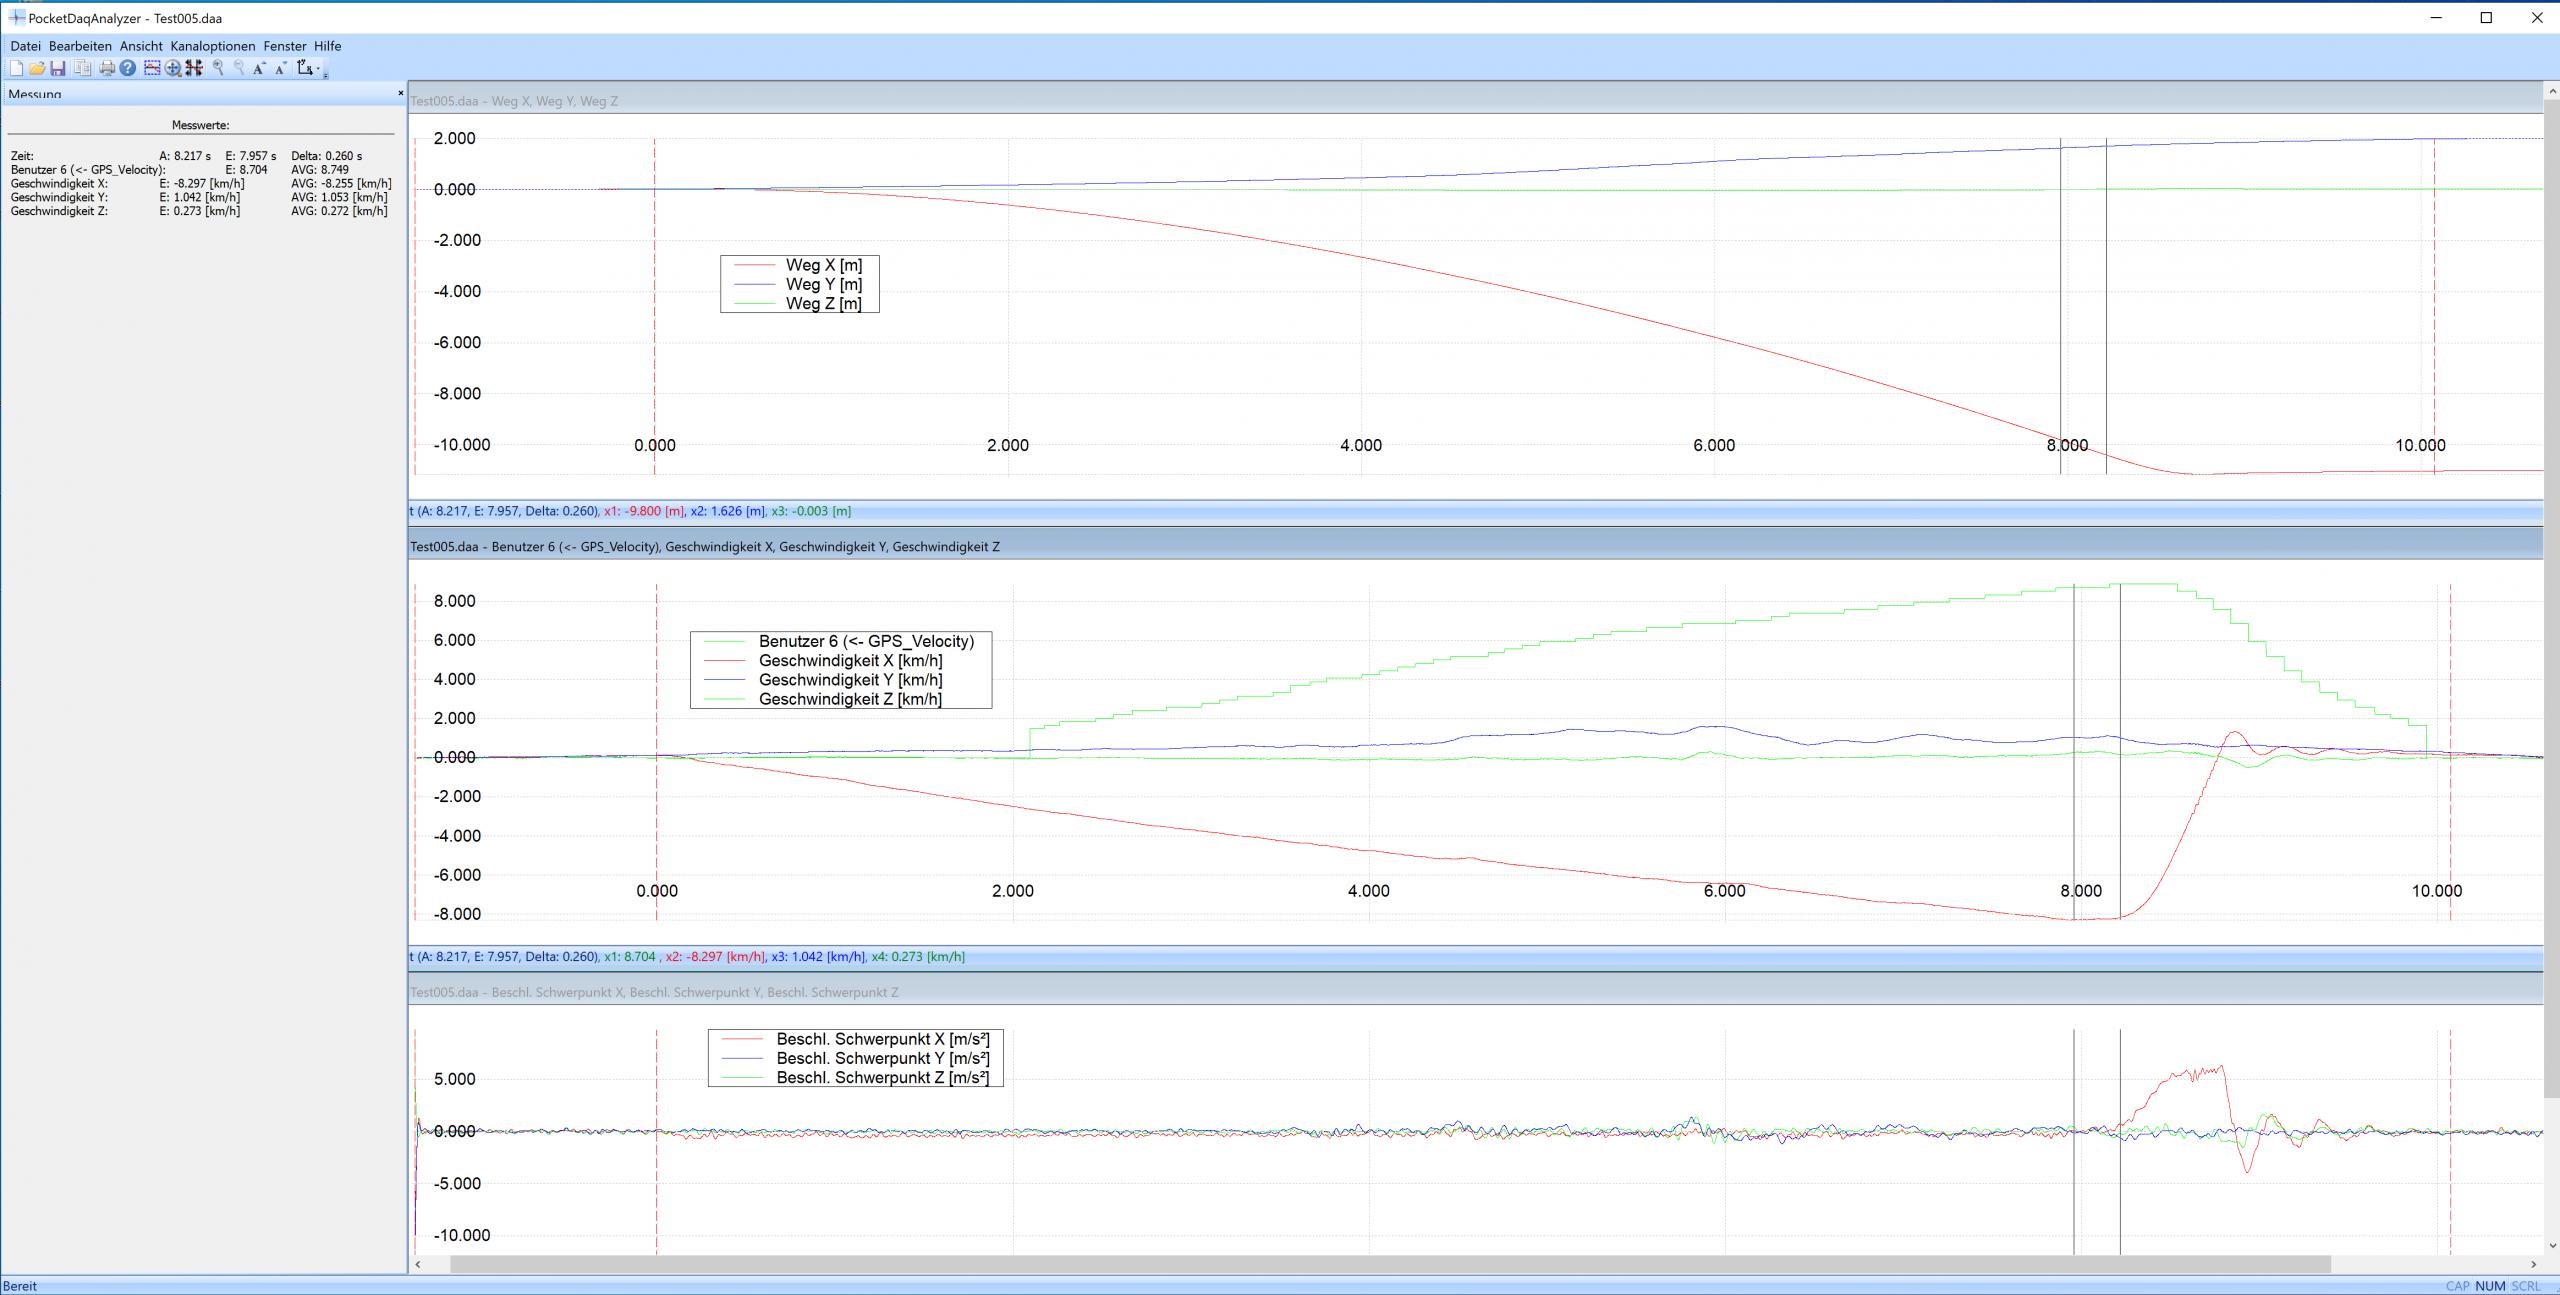 Auswertung der PicDaq-Daten